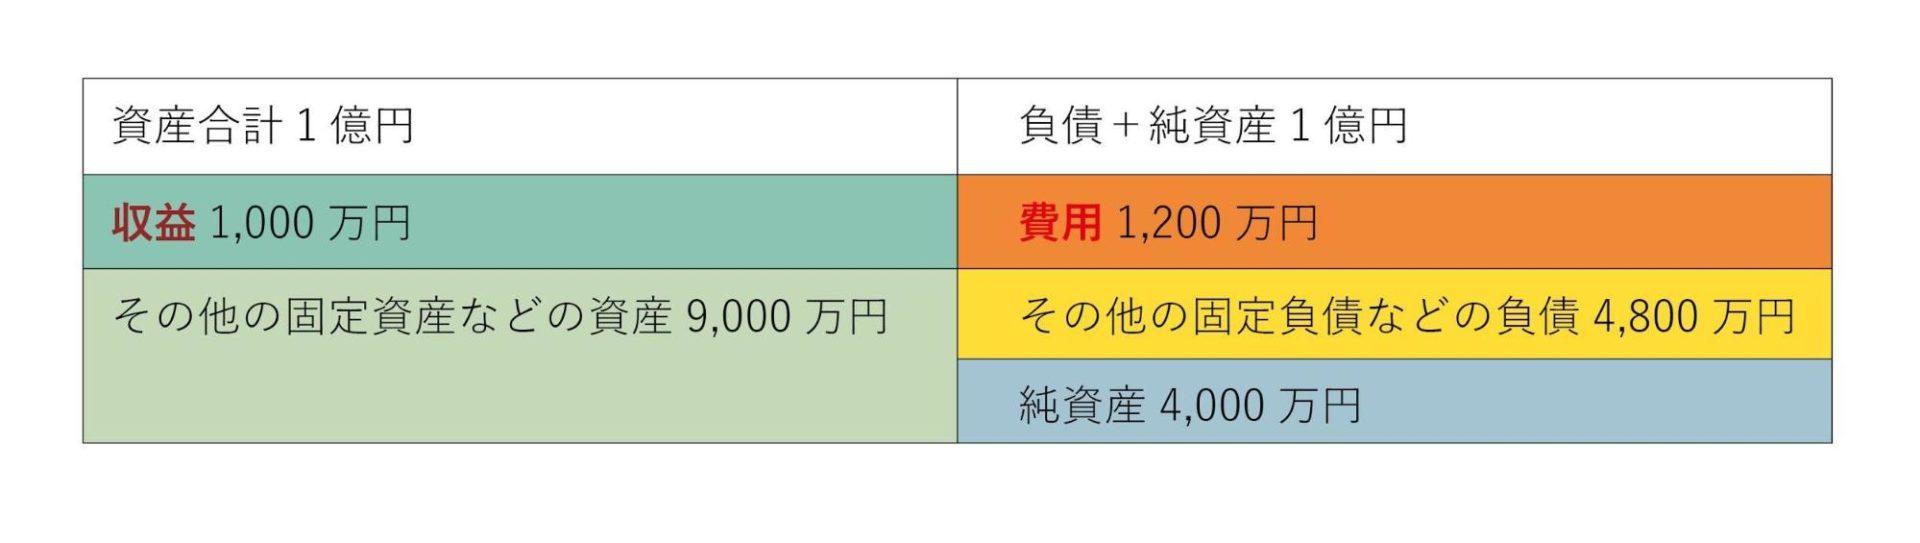 貸借対照表と赤字